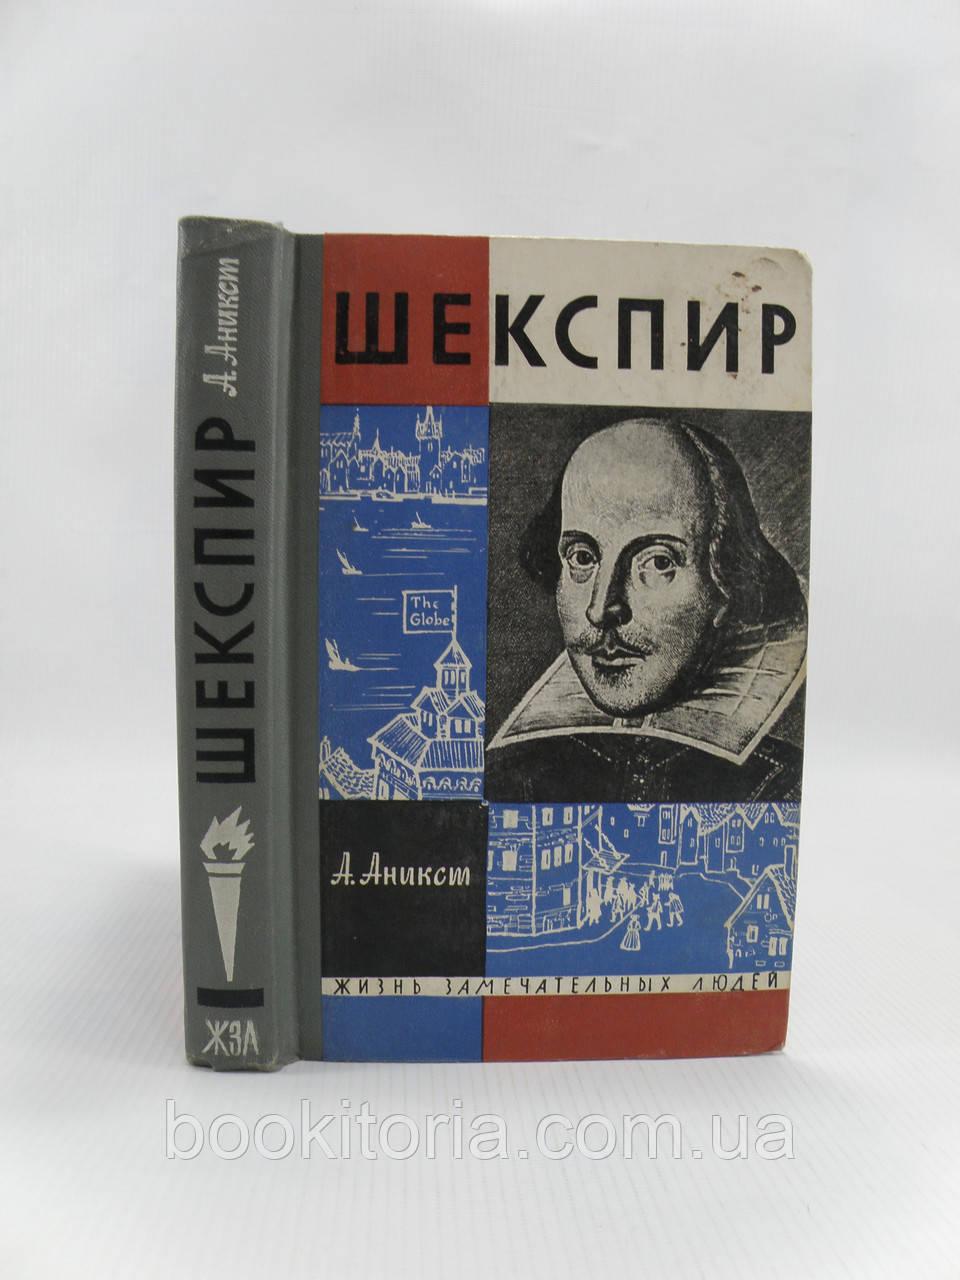 Аникст А. Шекспир (б/у).